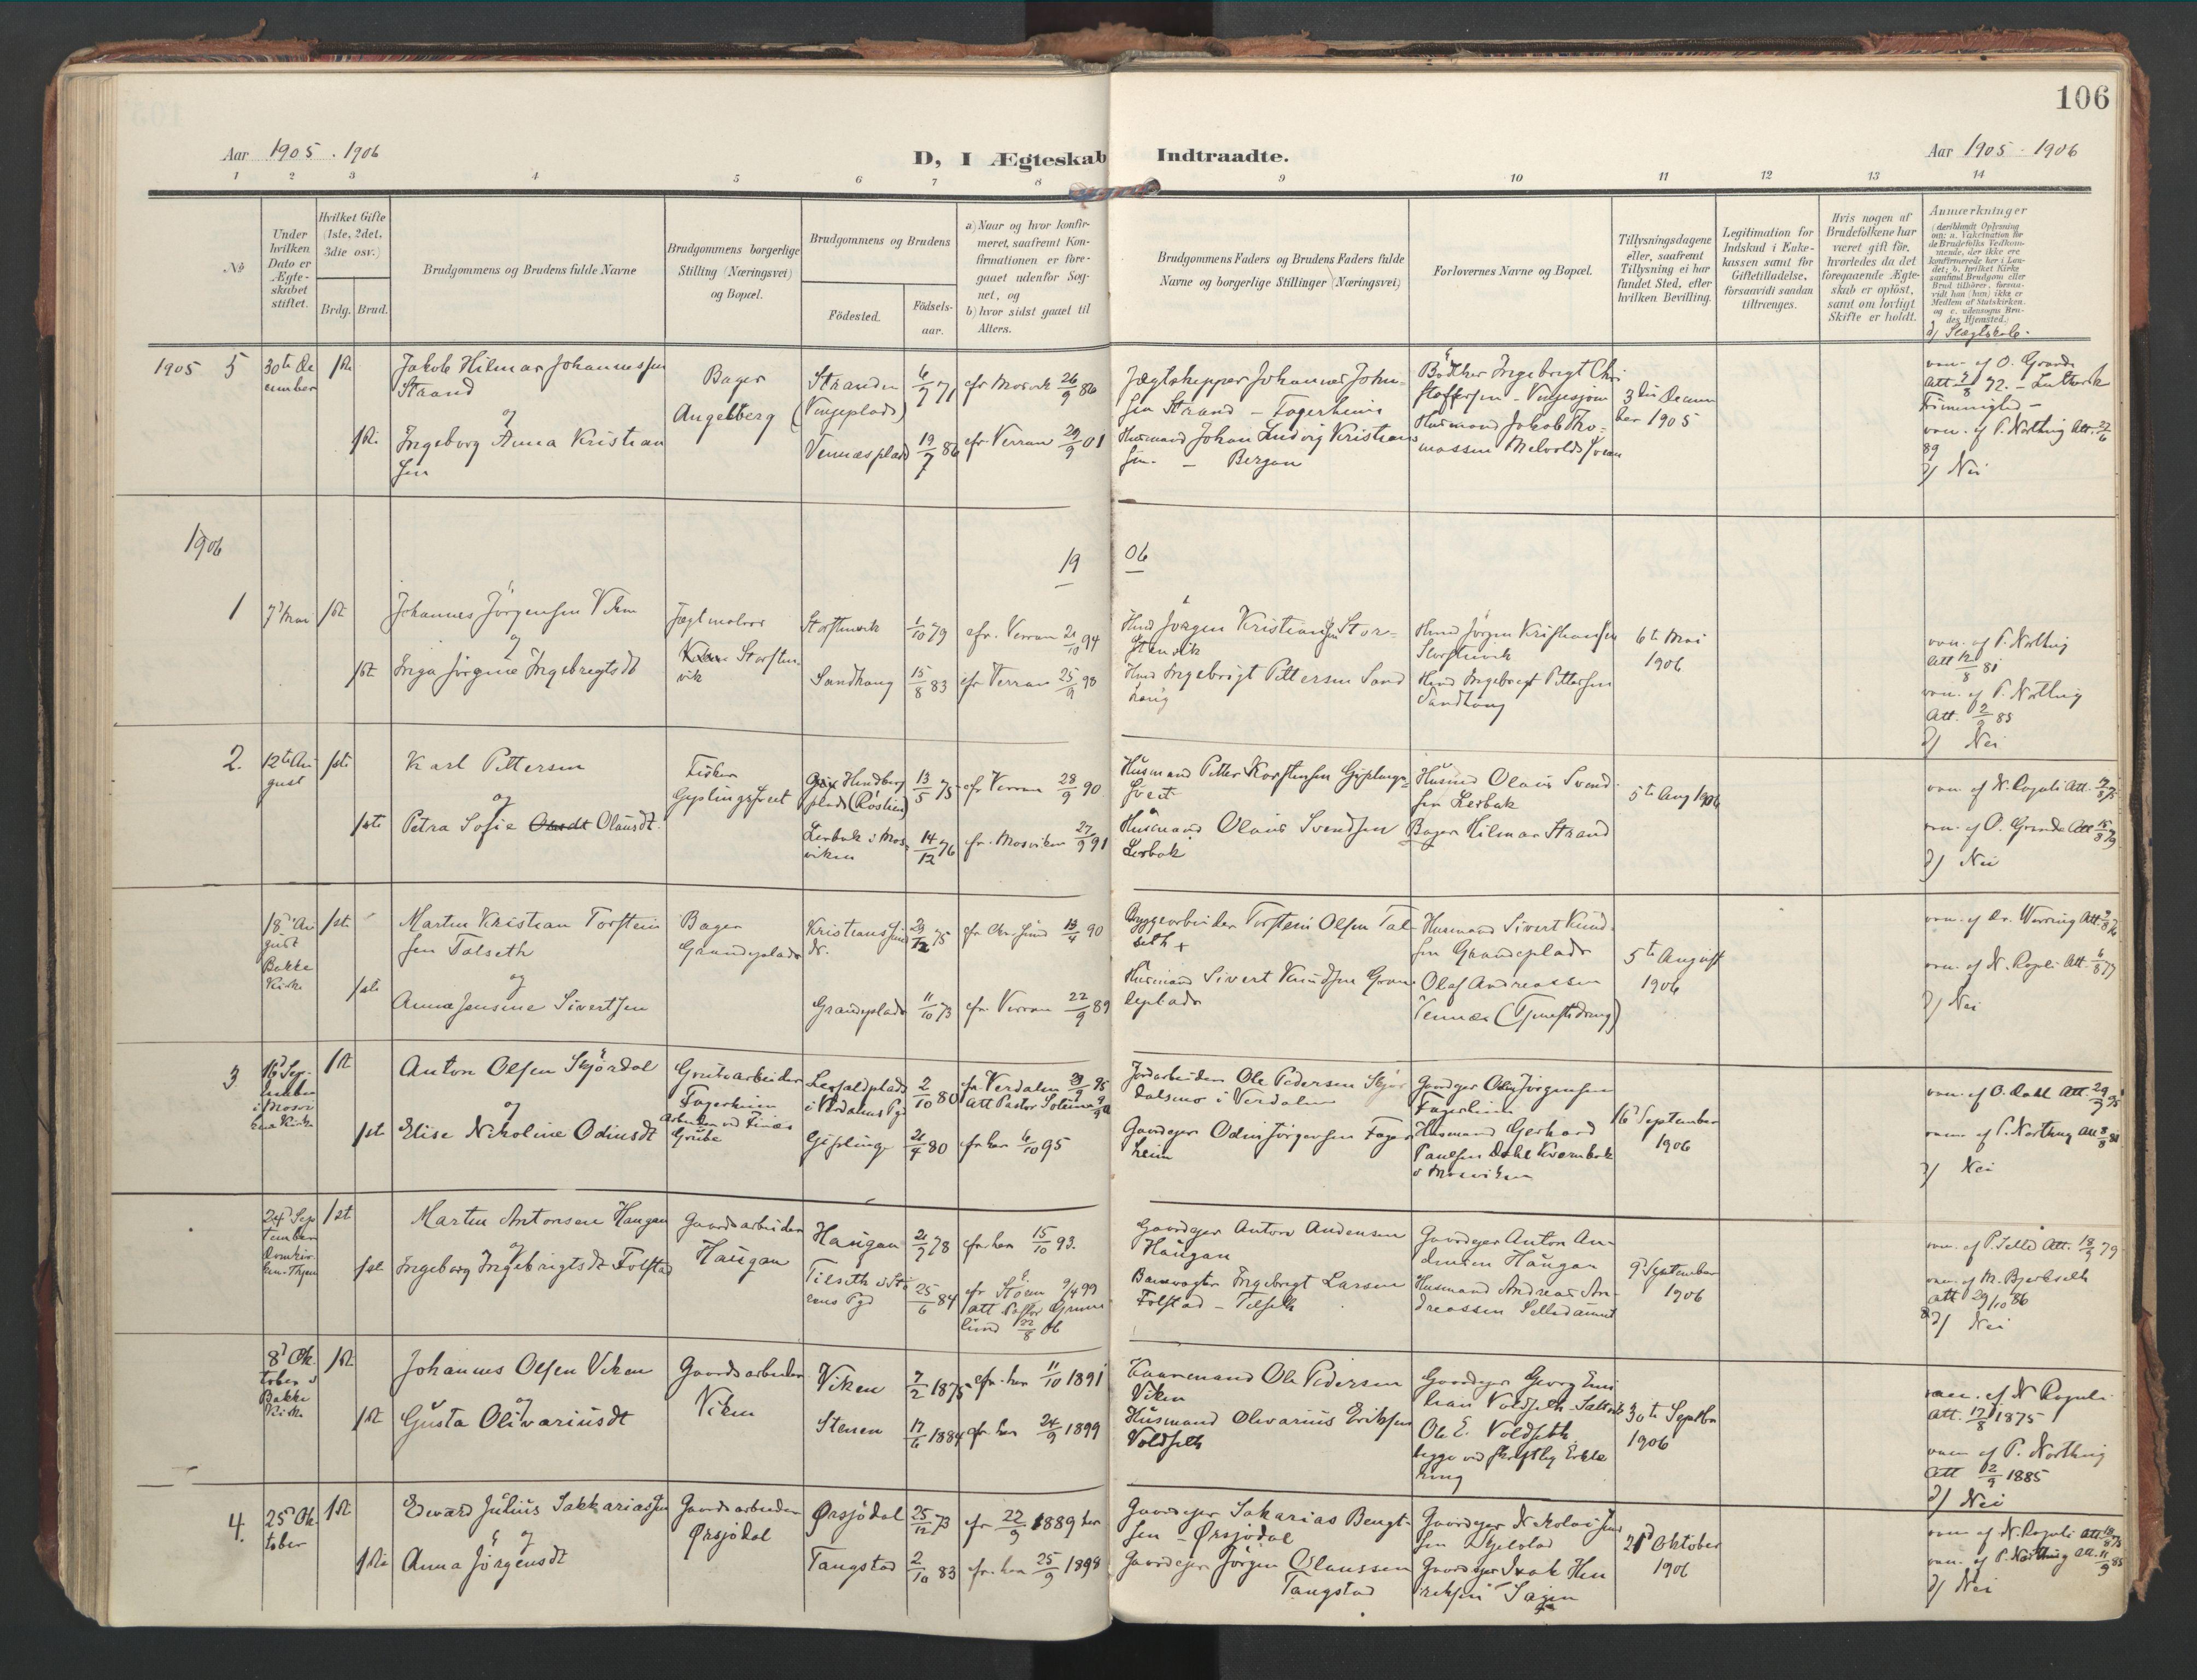 SAT, Ministerialprotokoller, klokkerbøker og fødselsregistre - Nord-Trøndelag, 744/L0421: Ministerialbok nr. 744A05, 1905-1930, s. 106